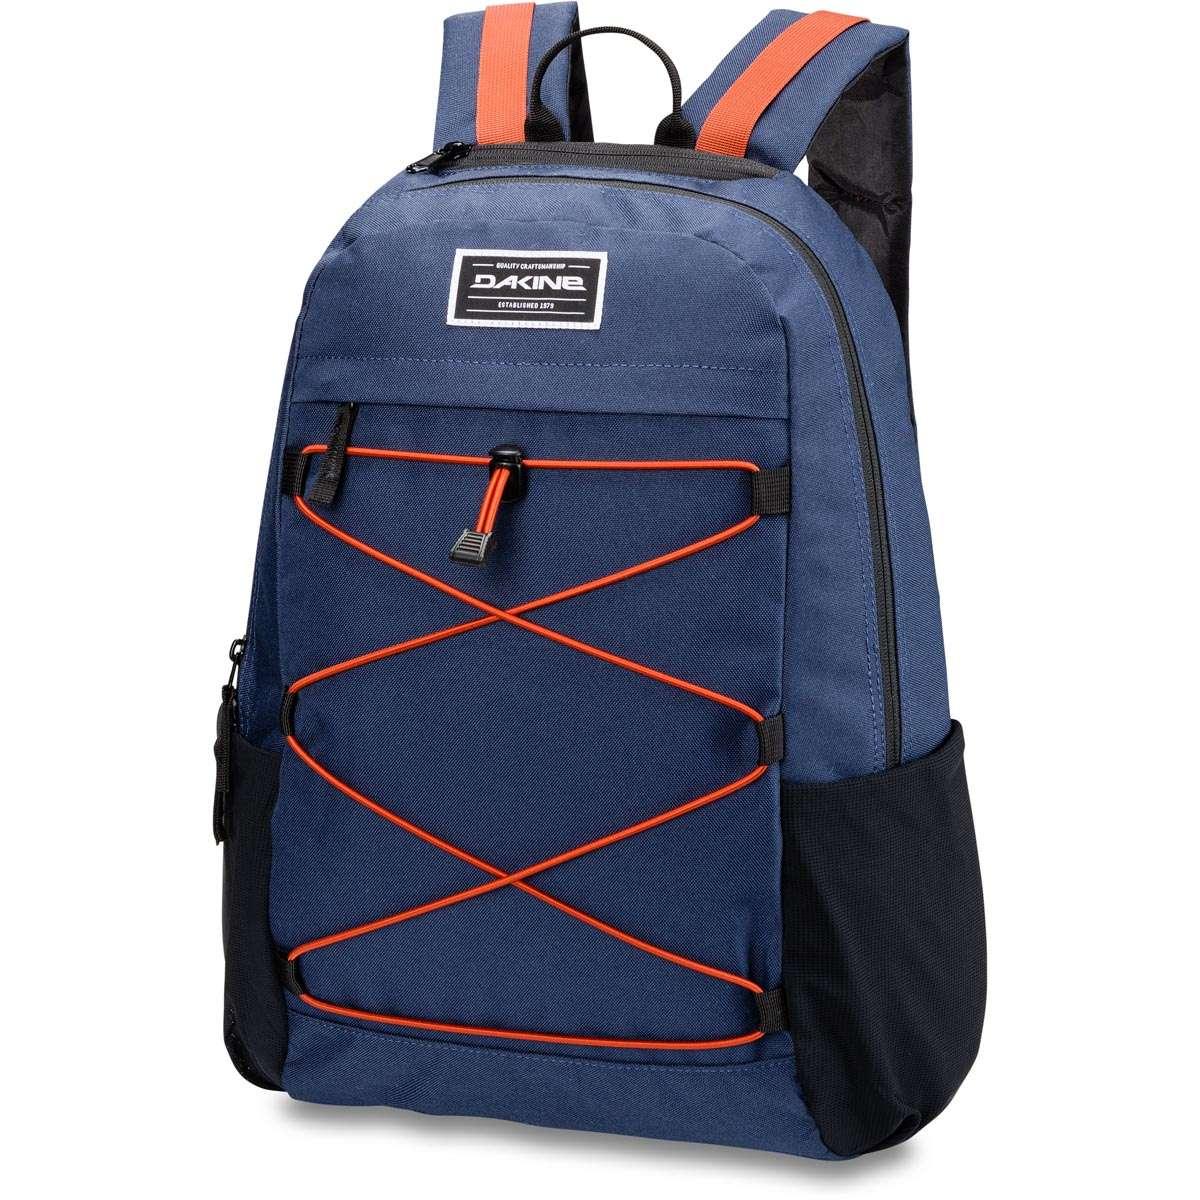 bdaeb47000f Dakine Wonder 22L Backpack Dark Navy | Dakine Shop